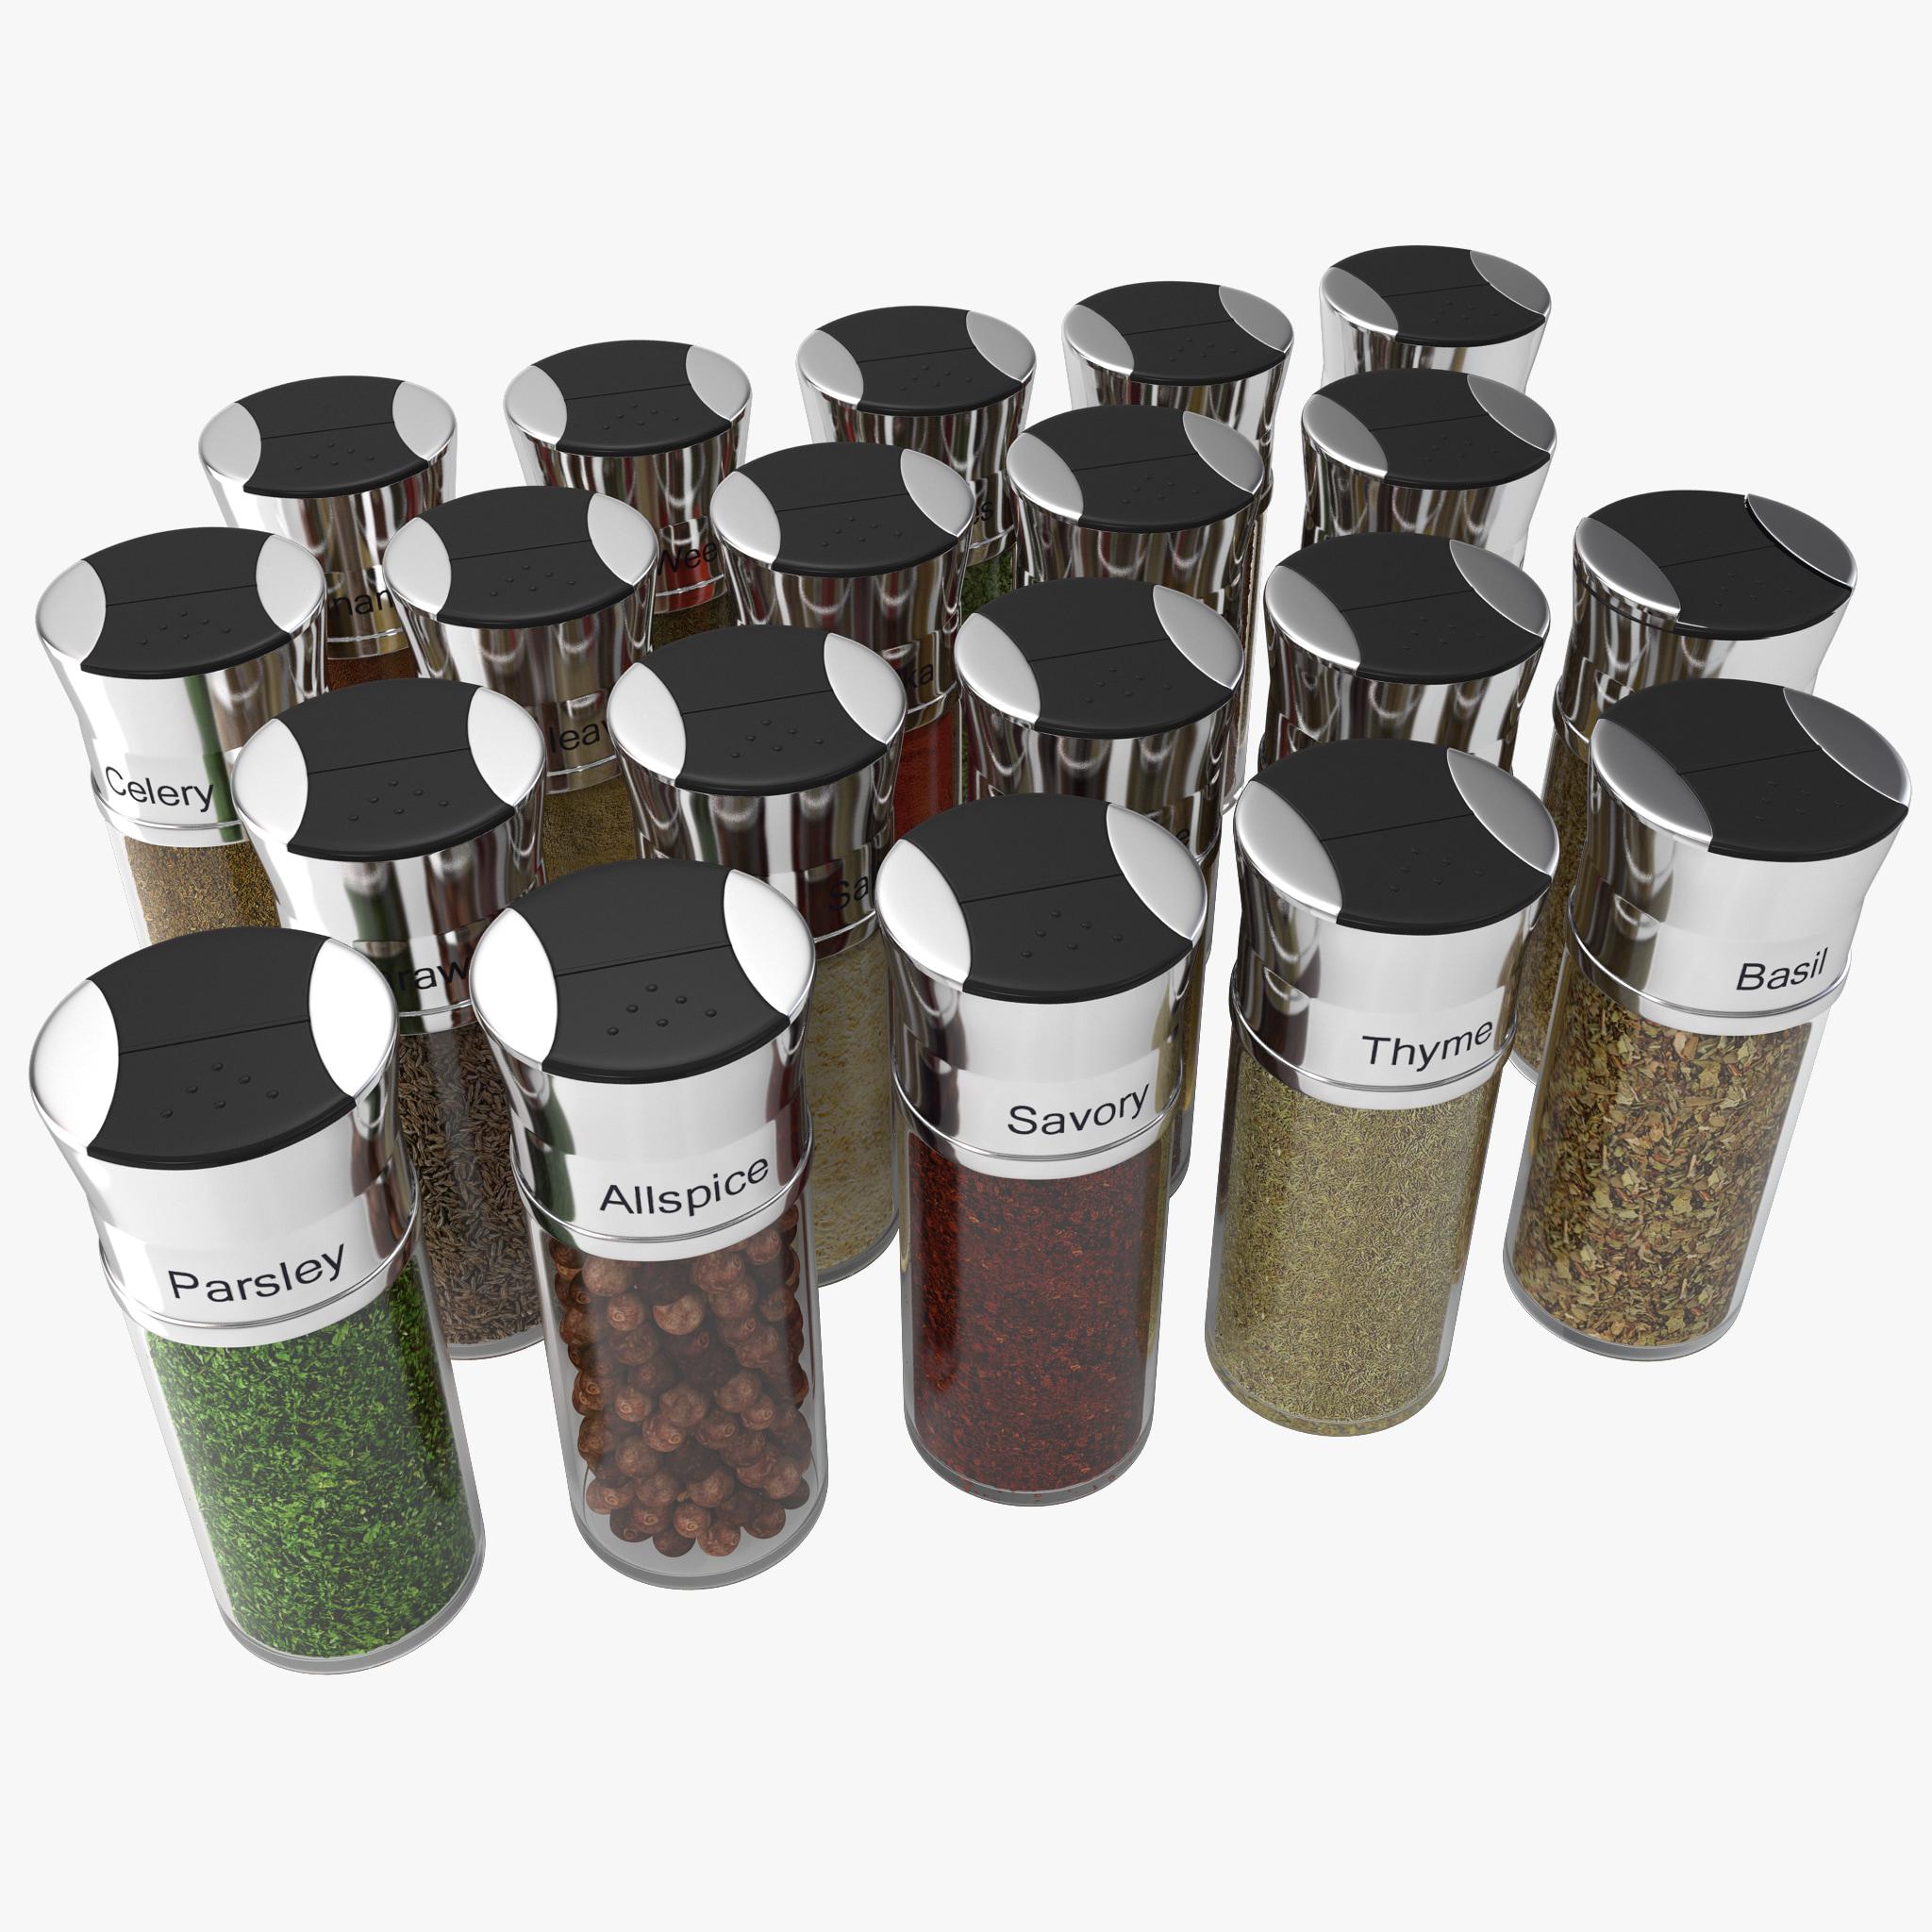 spice bottles set 3ds